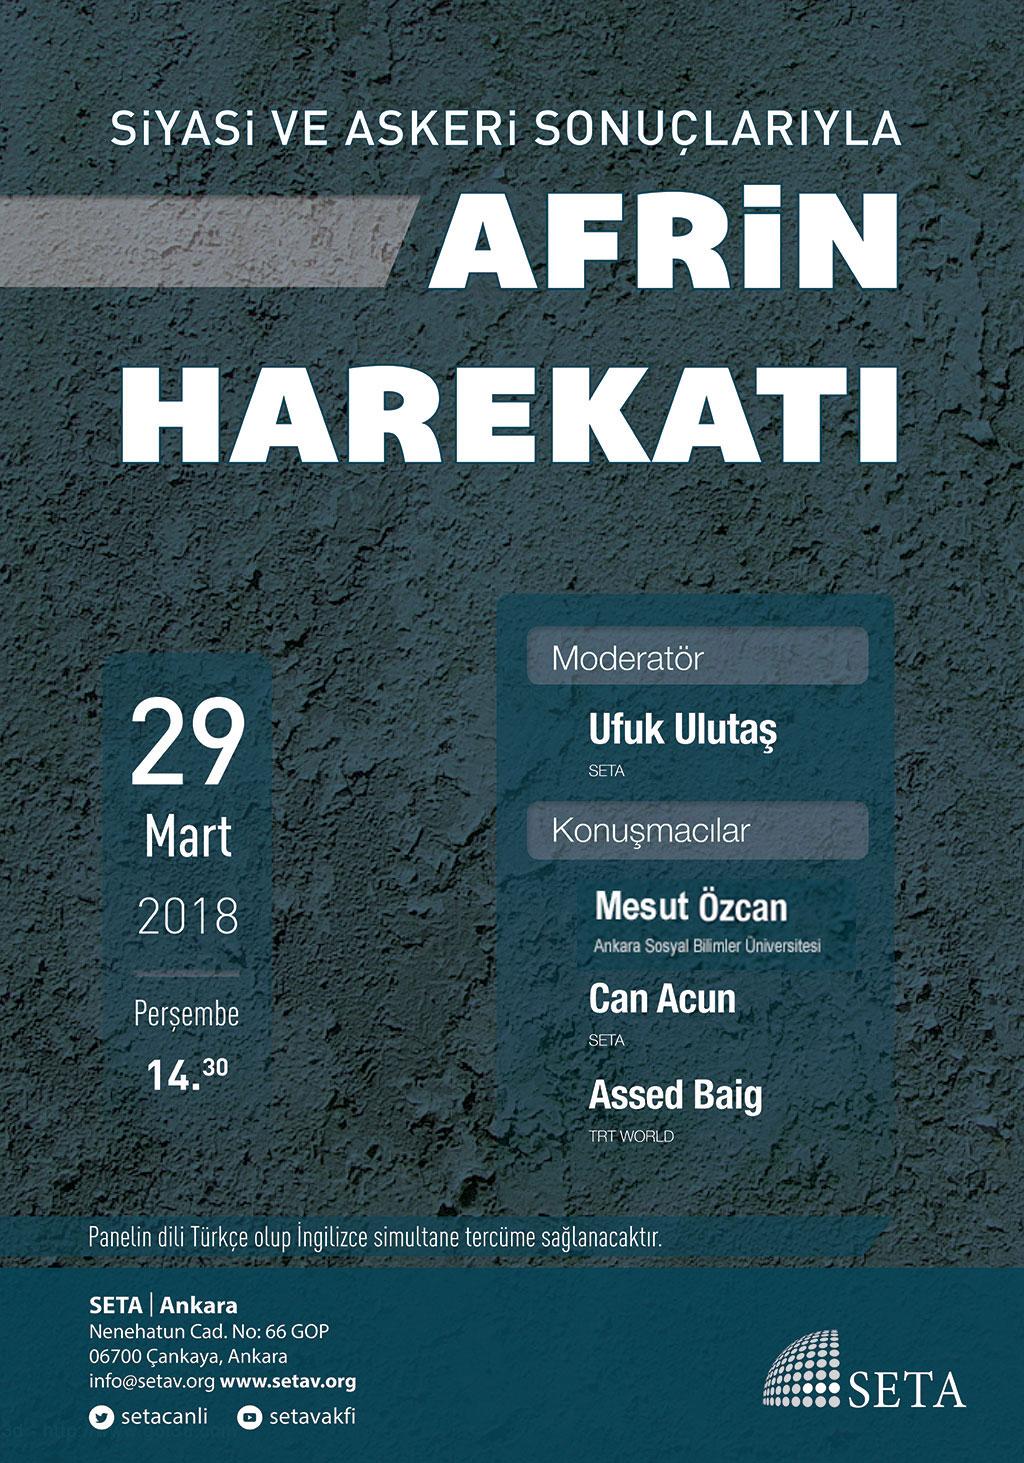 Panel: Siyasi ve Askeri Sonuçlarıyla Afrin Harekatı